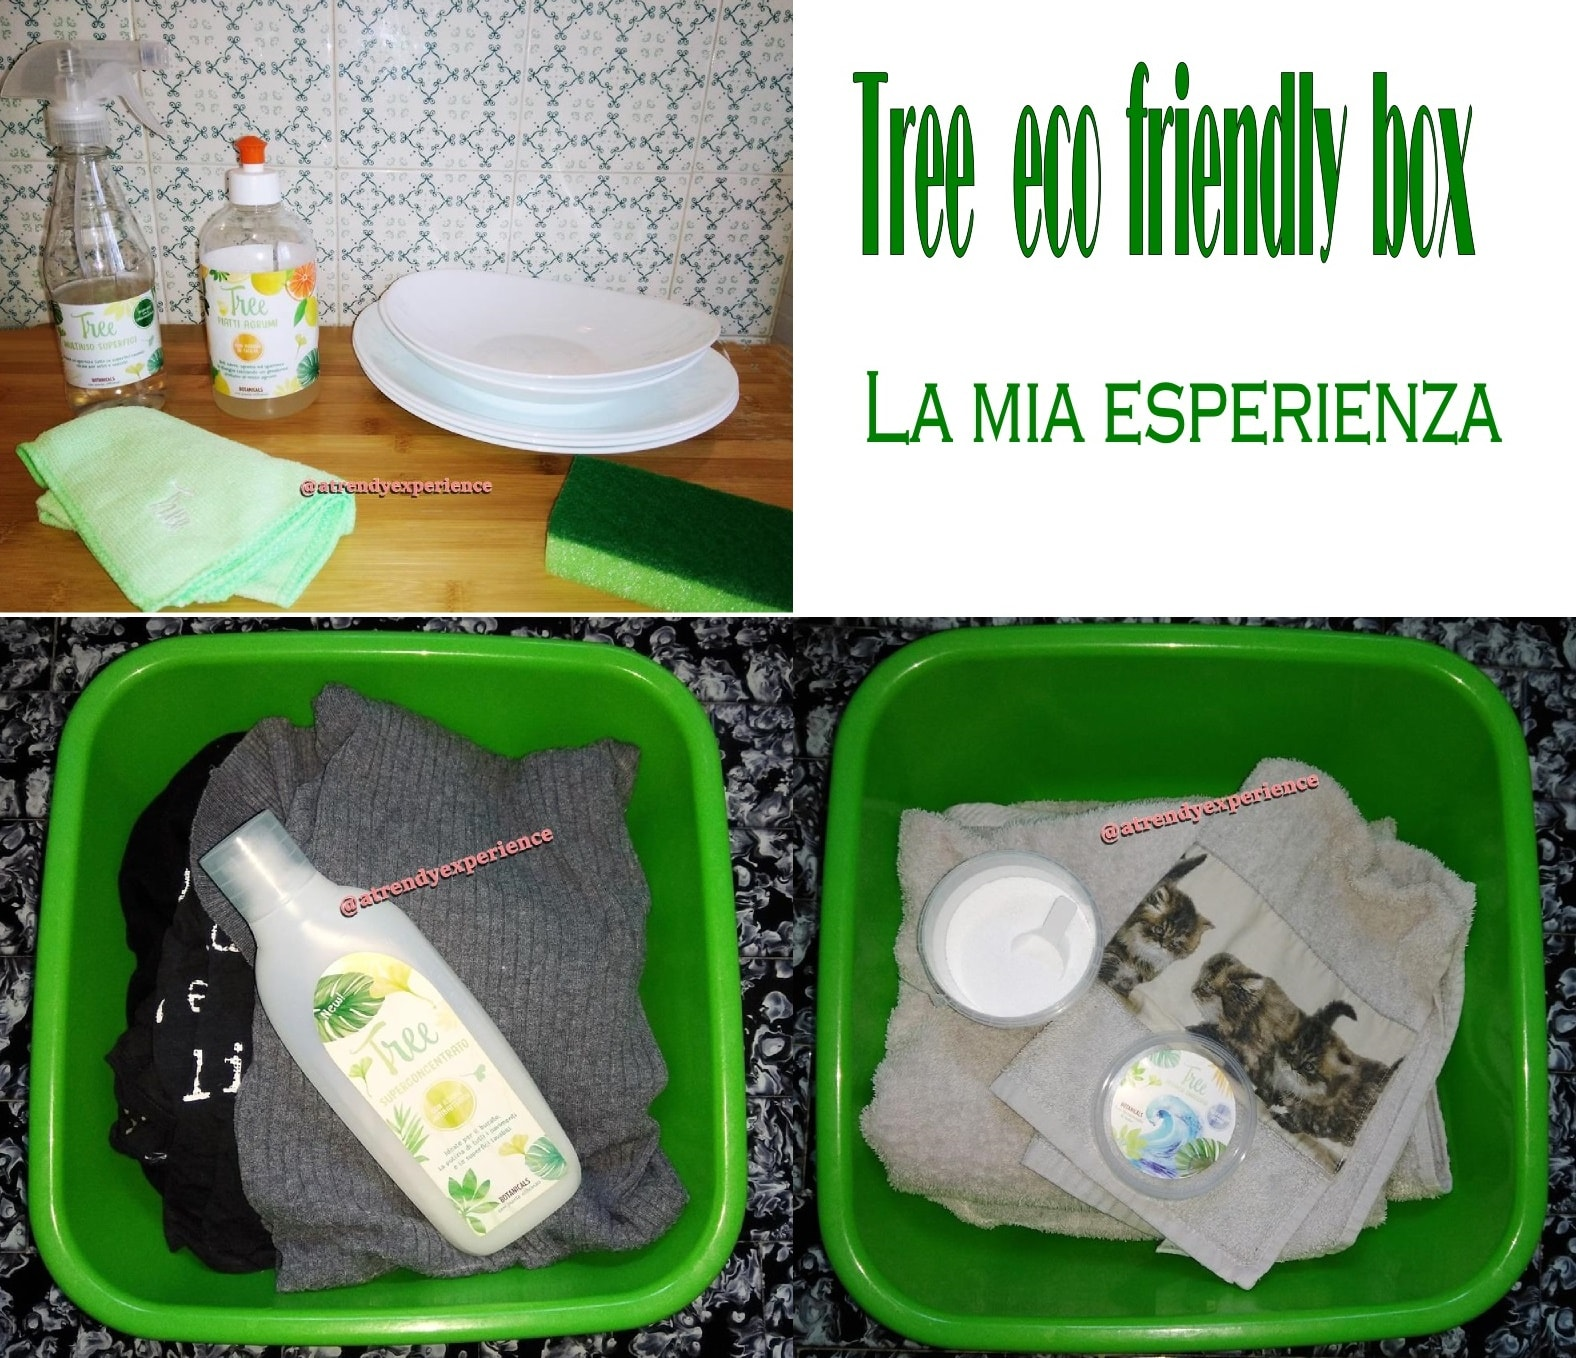 detersivi ecologici economici Tree Original